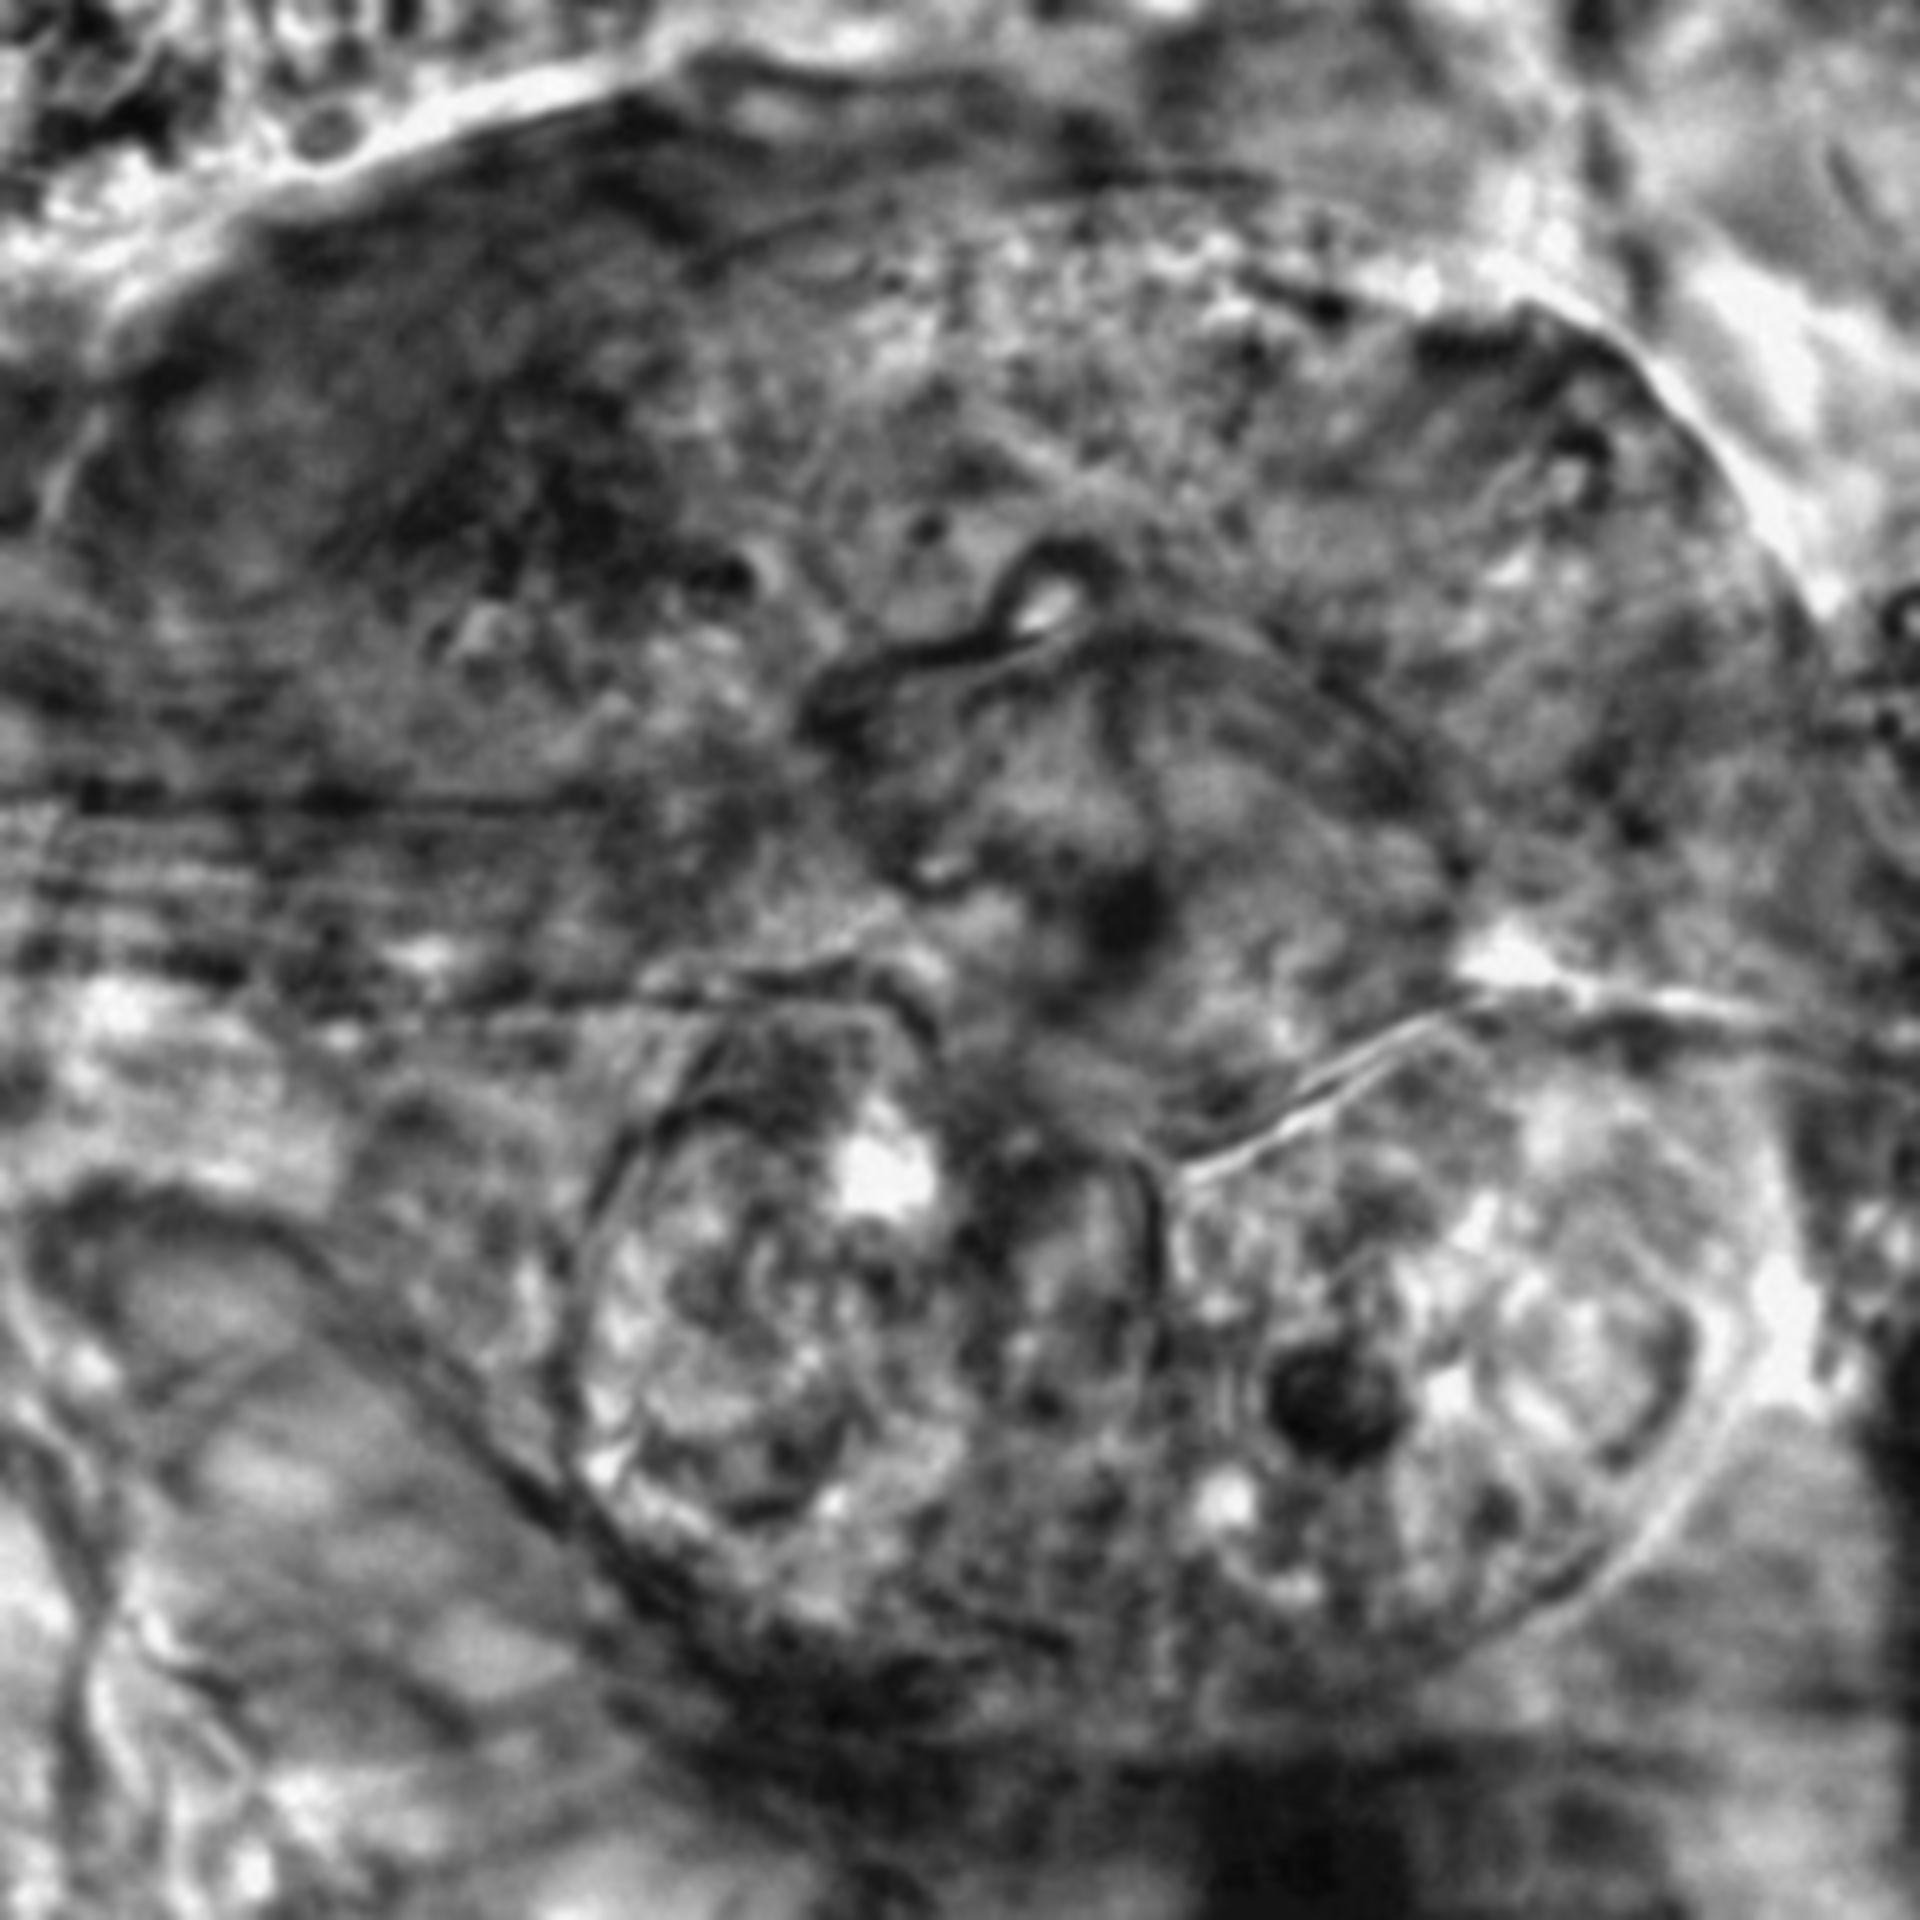 Caenorhabditis elegans - CIL:2606